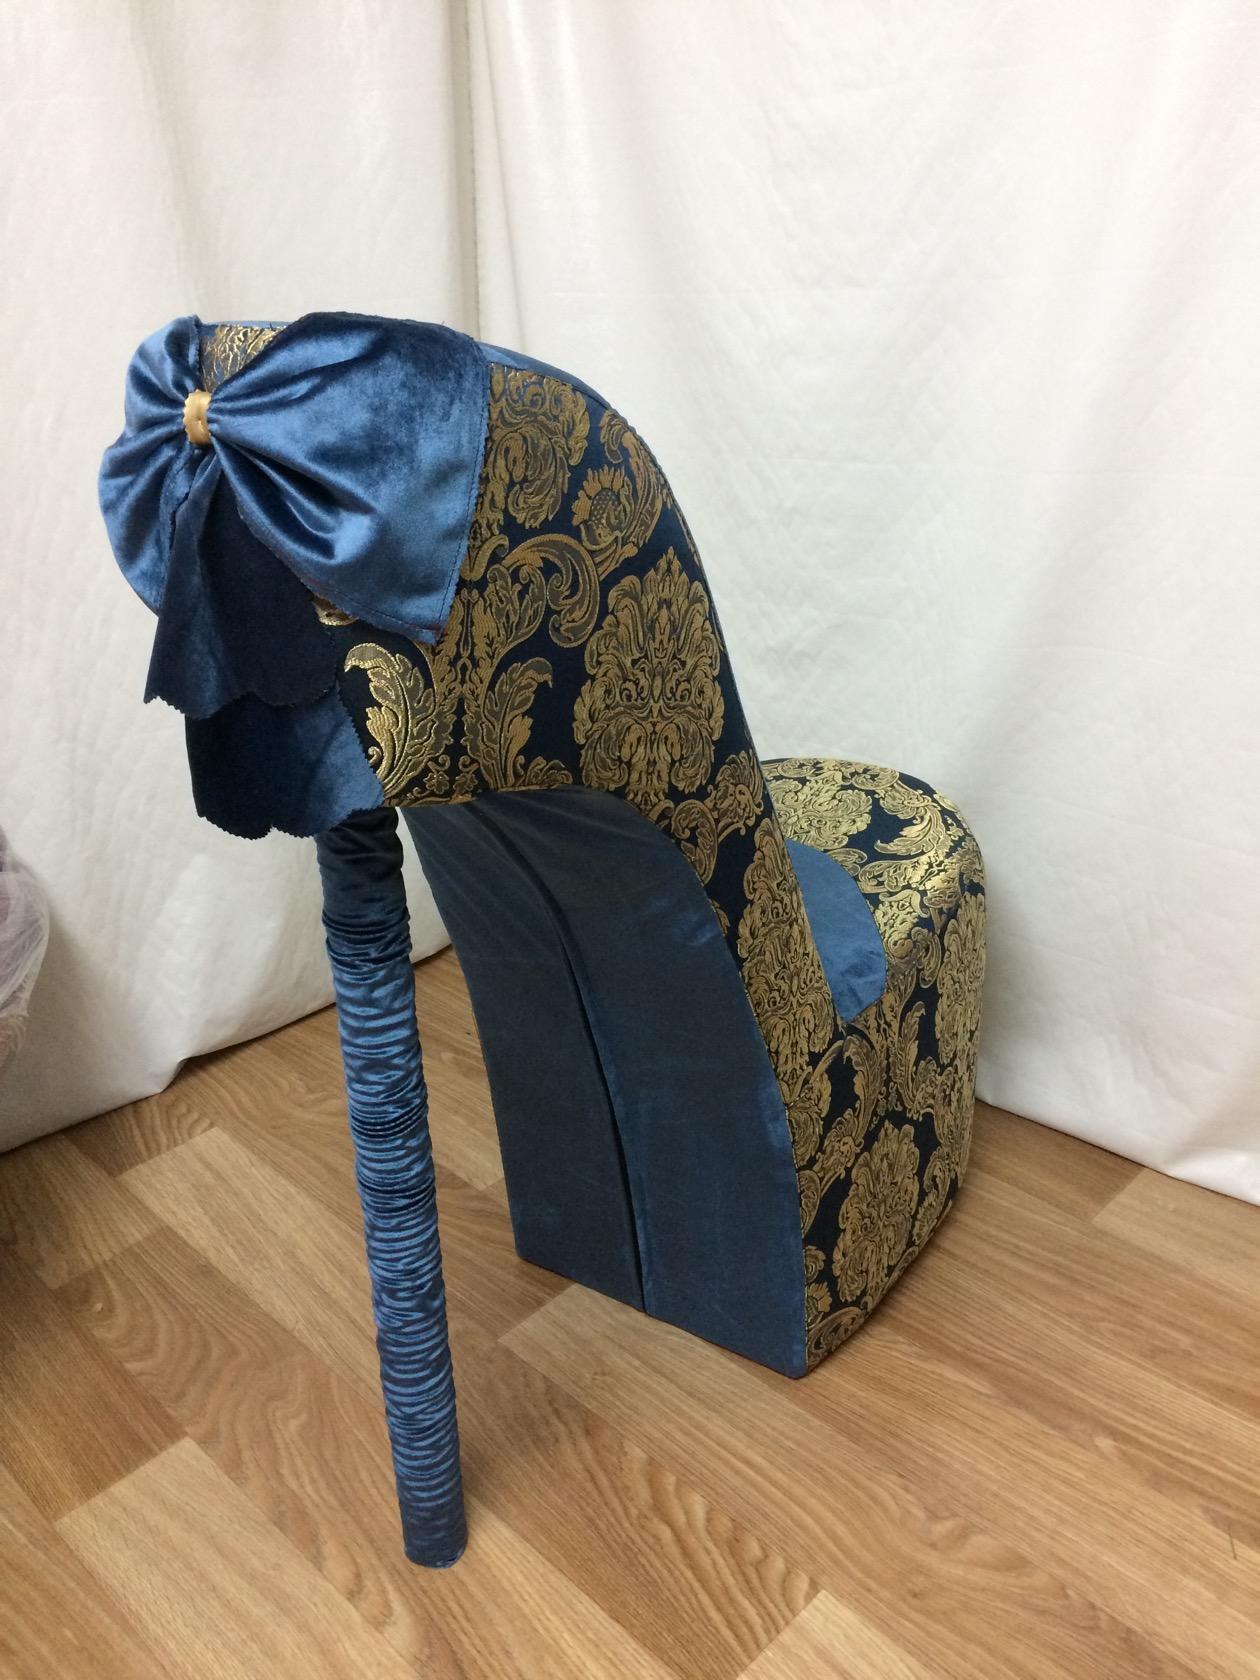 каблучок каблук трон туфелька кресло шпилька современная декор заказ на прикольная интерьер креатив дизайн мебель диван шпильке стул губы